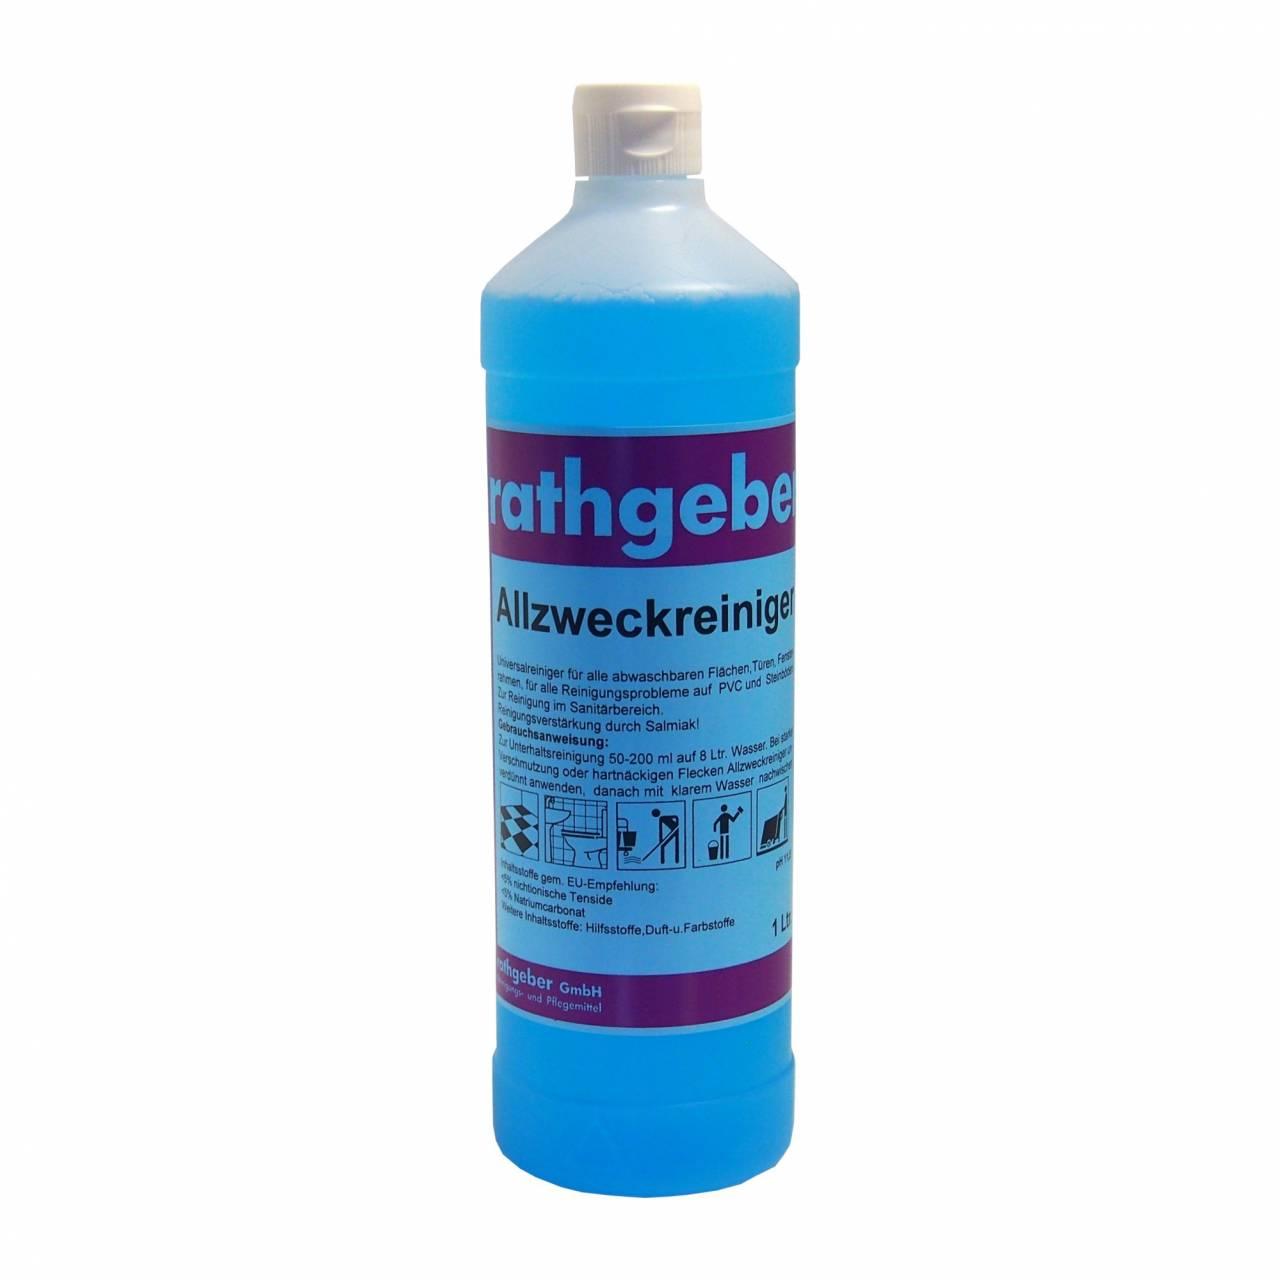 Allzweckreiniger 'blau' 1,0 l PET-Flasche